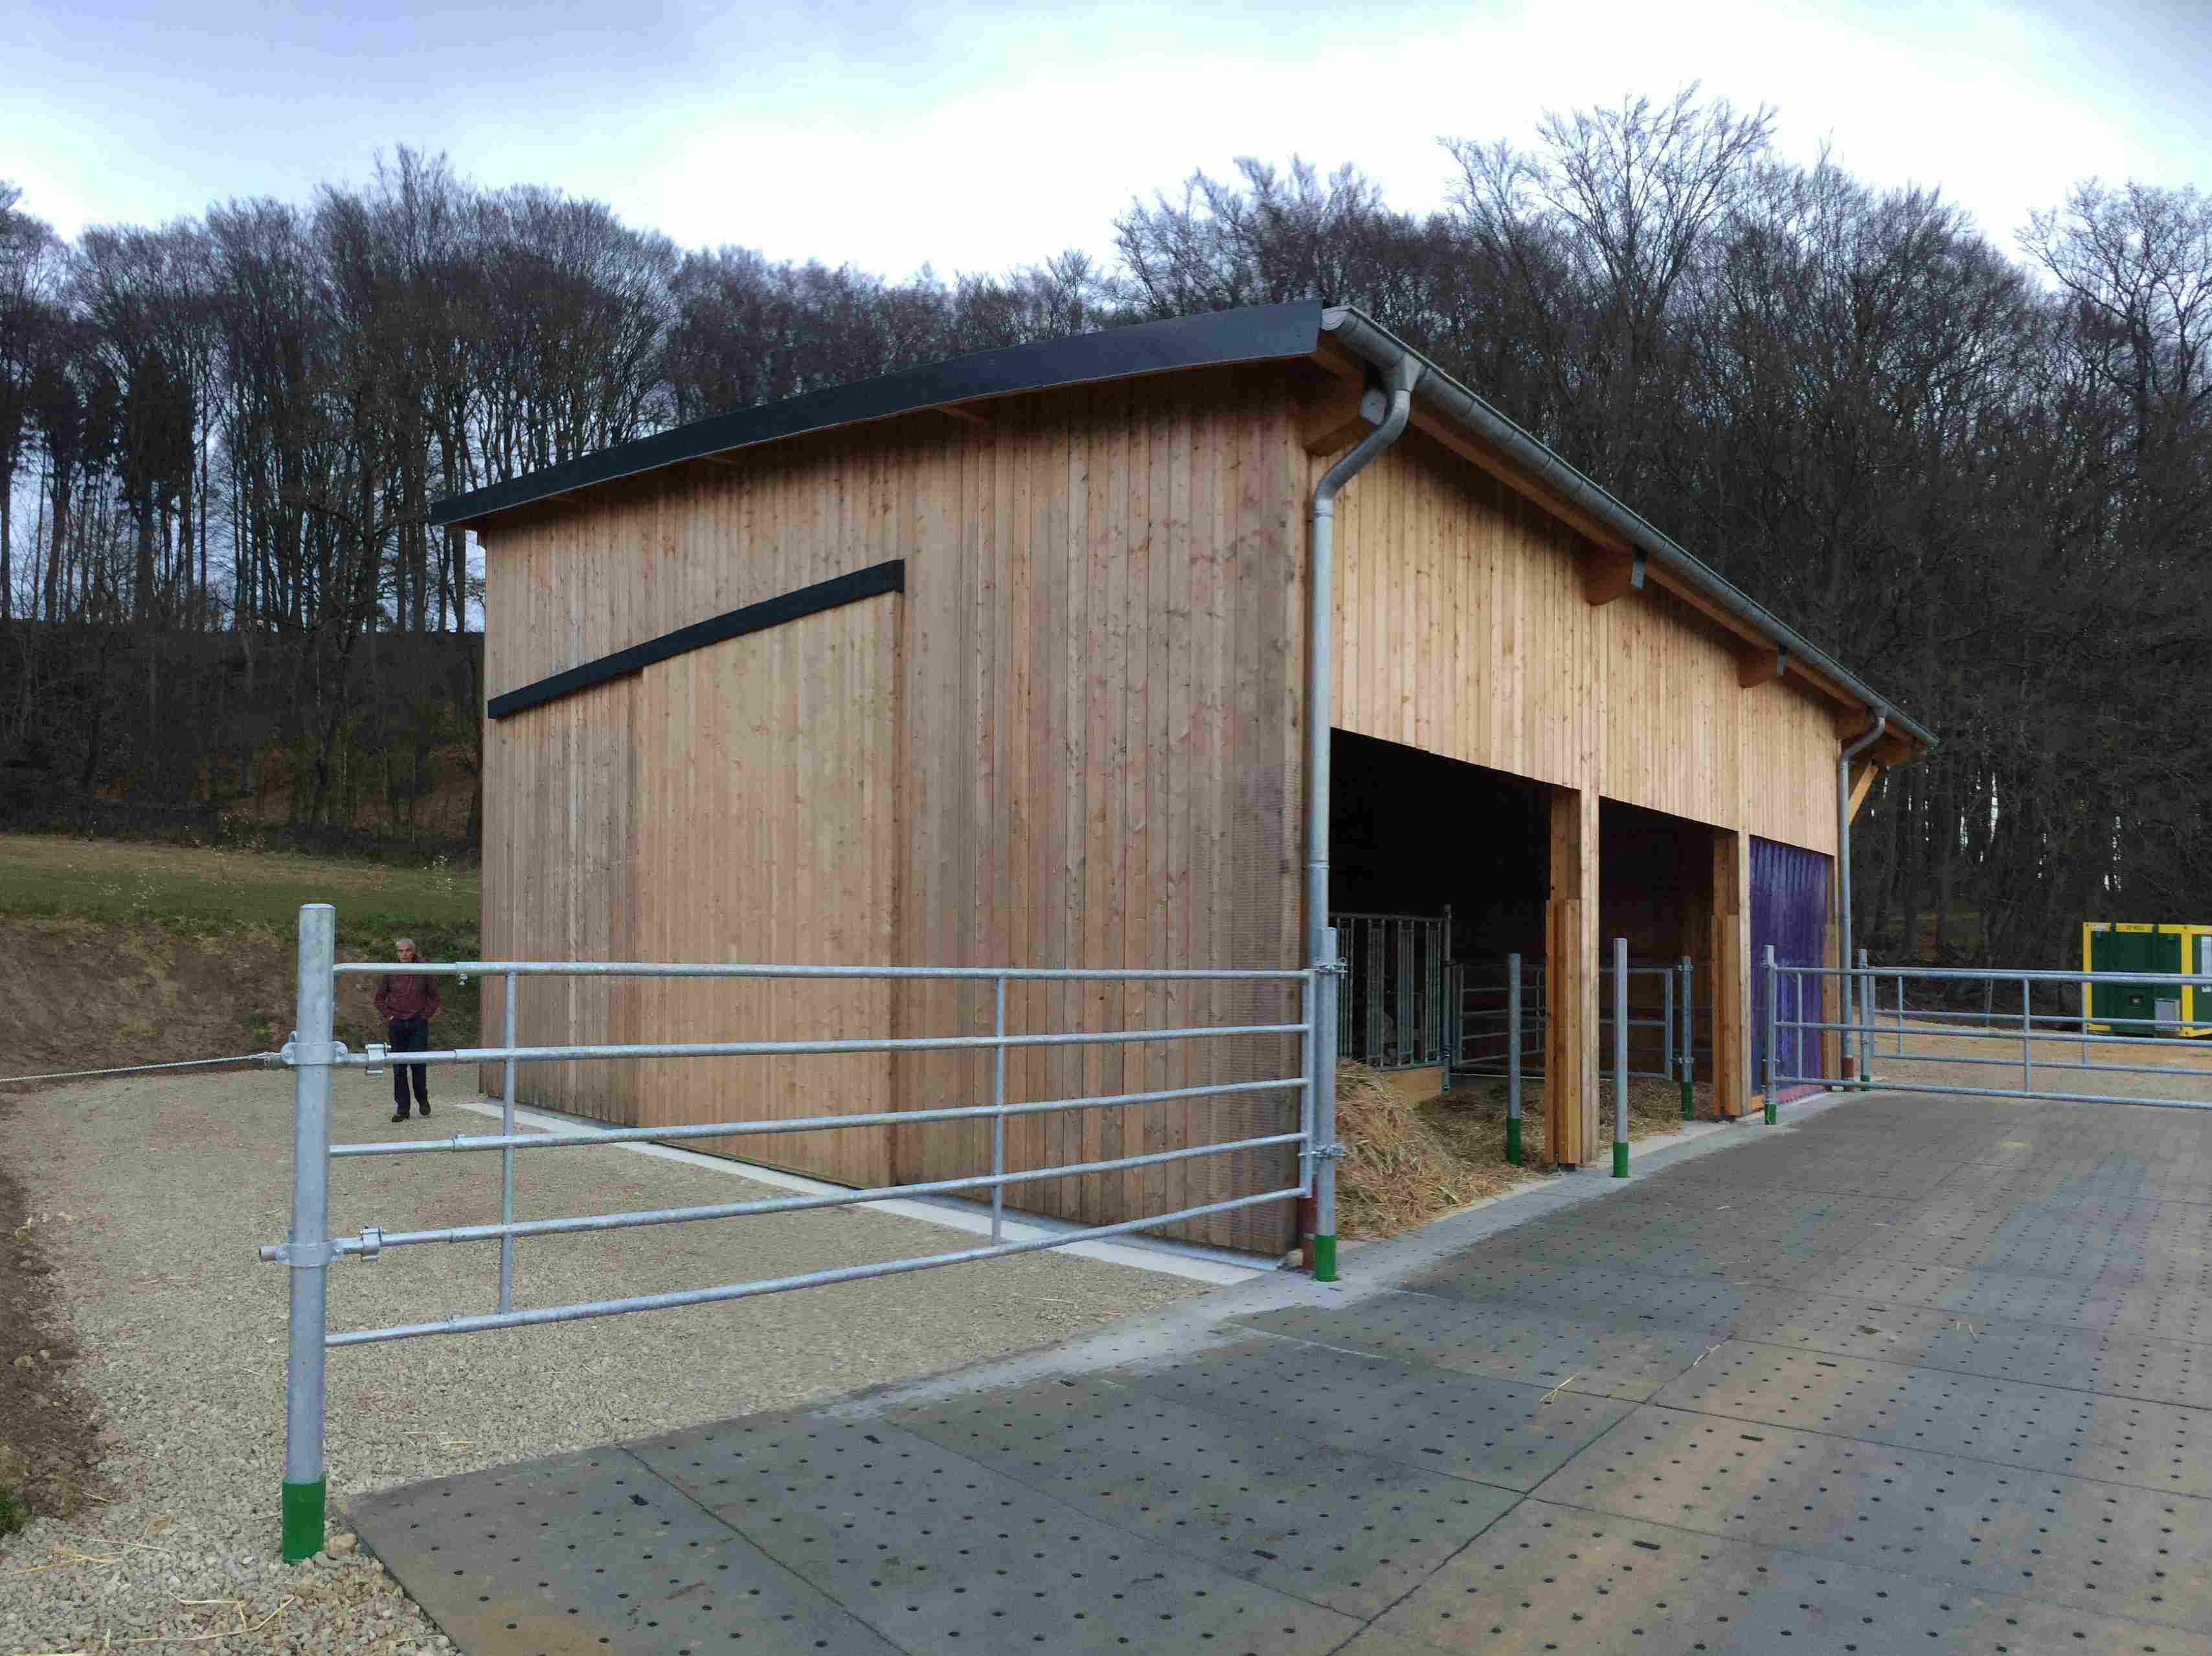 Floss - Blockhaus - Holzrahmen - Zimmerei - Architektur: Fairfax ...